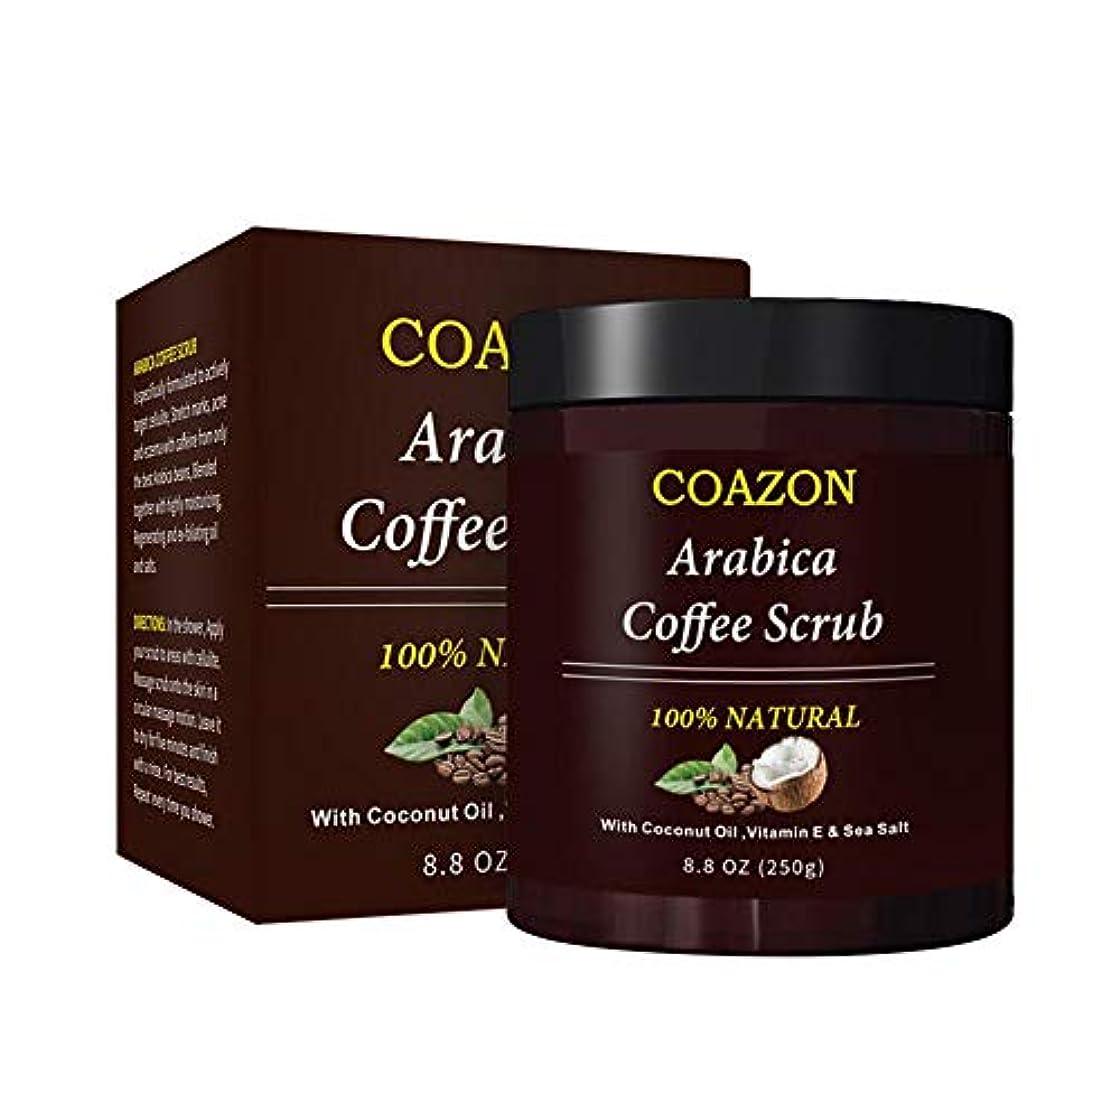 理解する自宅で聞きますColdwhite ボディースクラブ 角質除去ホワイトニング保湿抗セルライト治療のためのコーヒー介護者の自然死海塩クリーム 240g